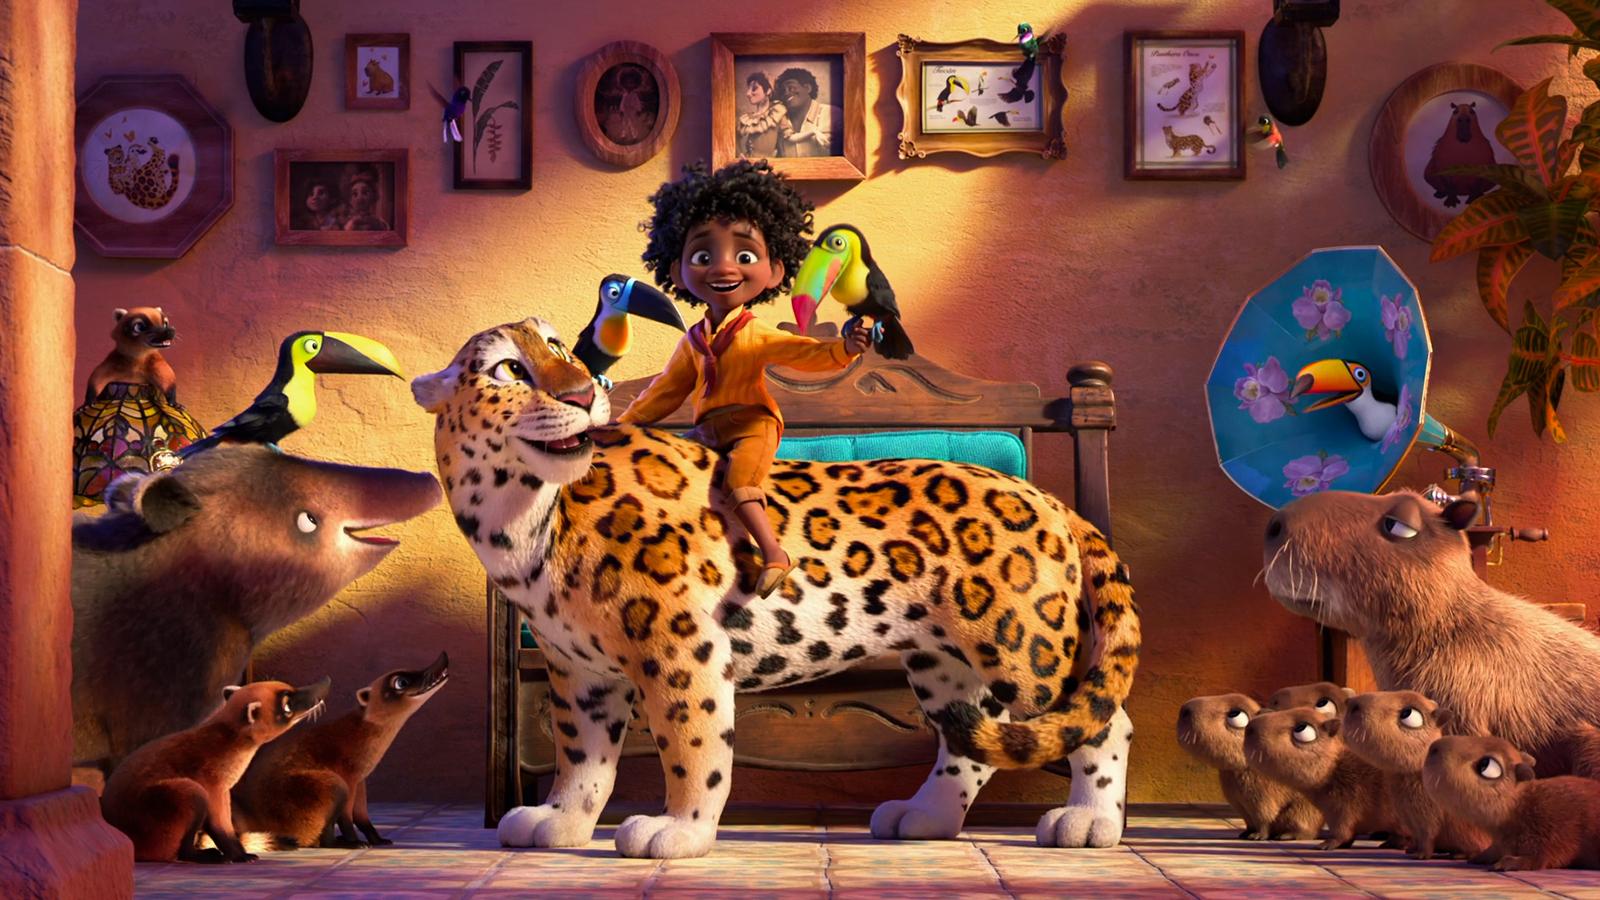 Este es el trailer de 'Encanto', la nueva película de Disney inspirada en Colombia